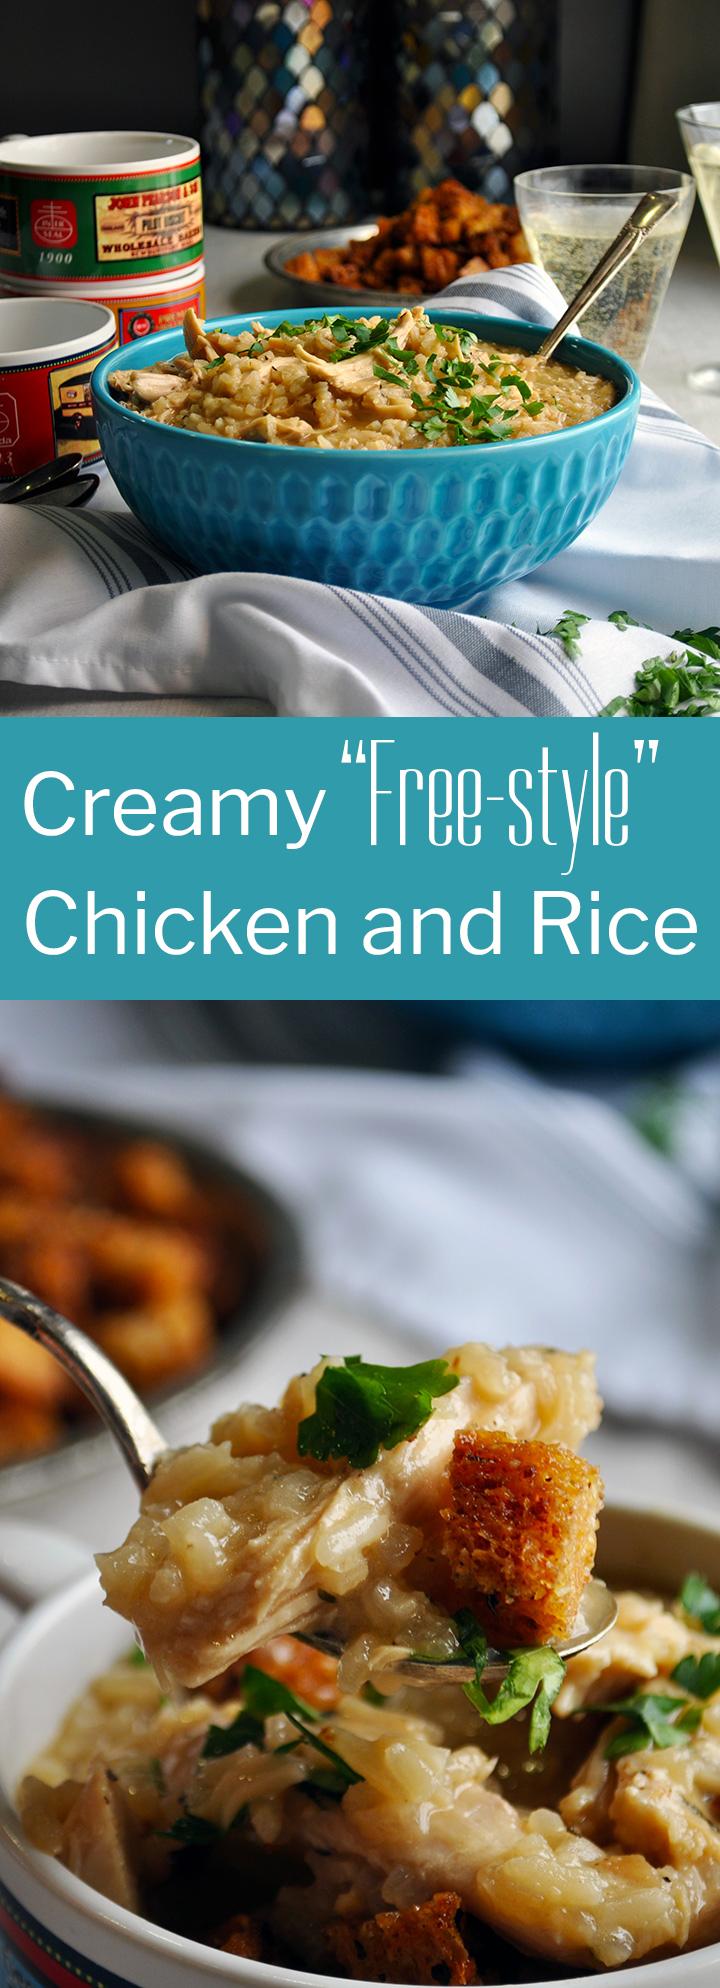 Creamy Chicken and Rice recipe